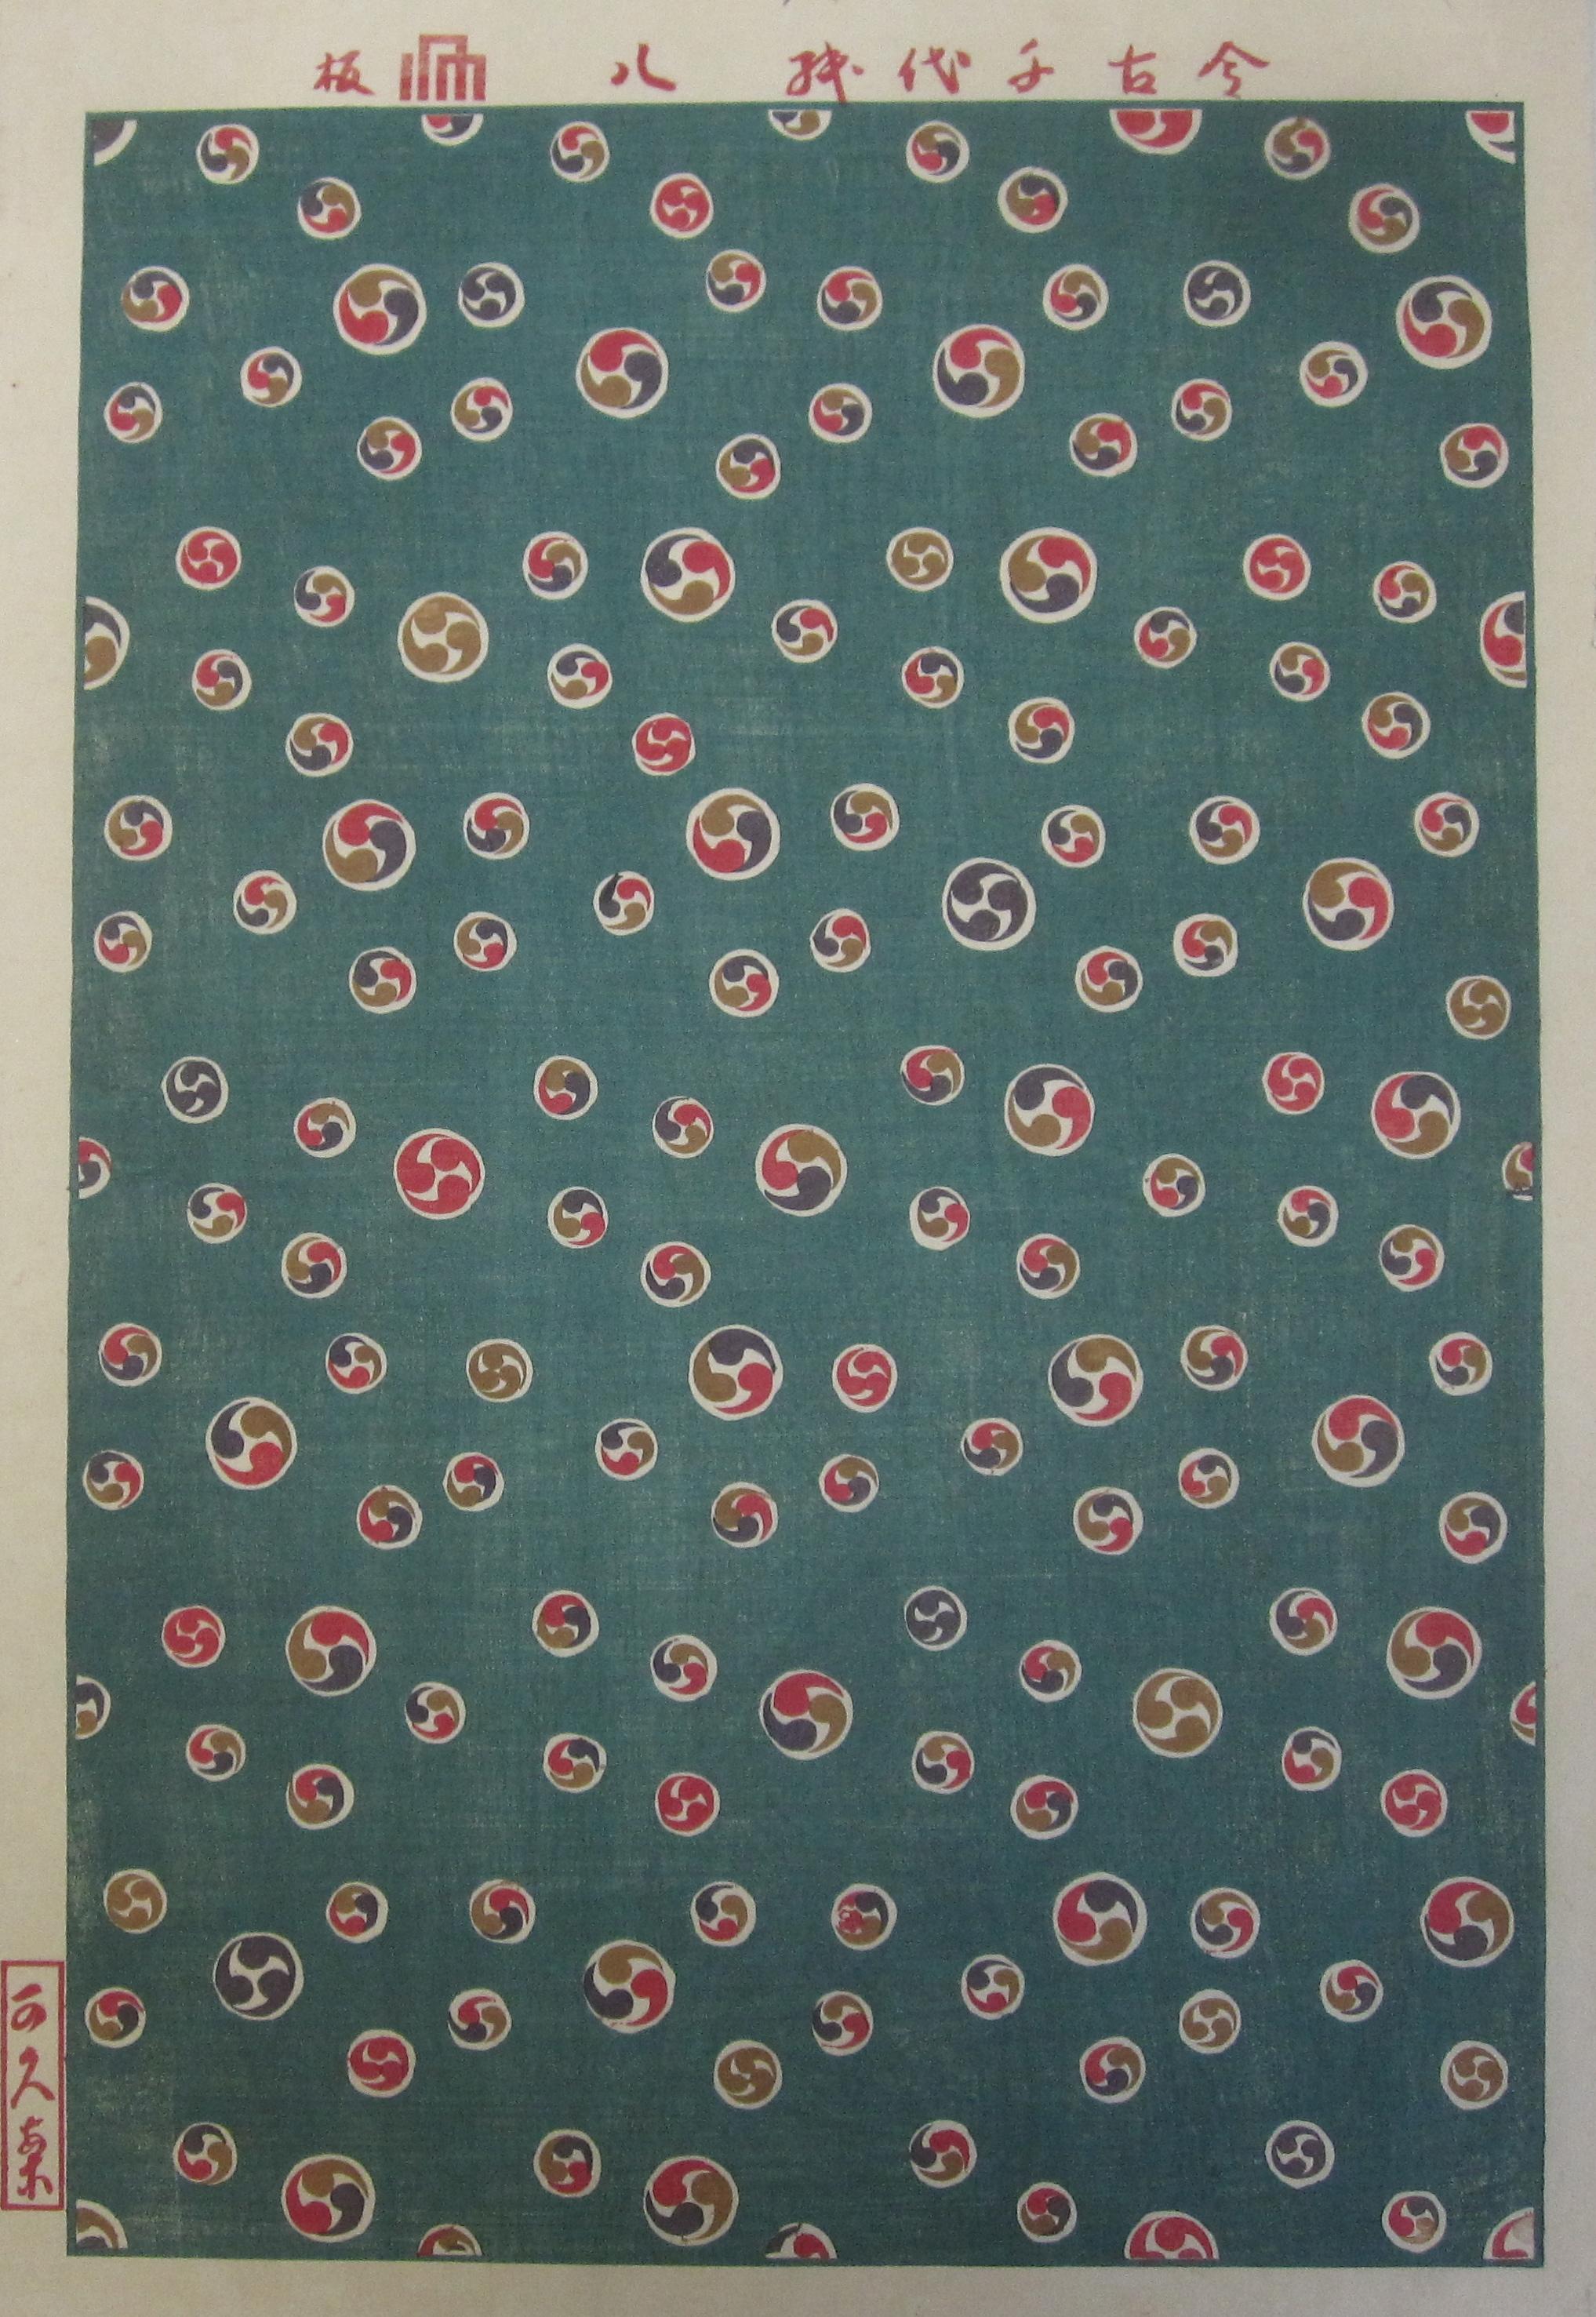 De Gournay Wallpaper Look Alikes Images TheCelebrityPix 2035x2954